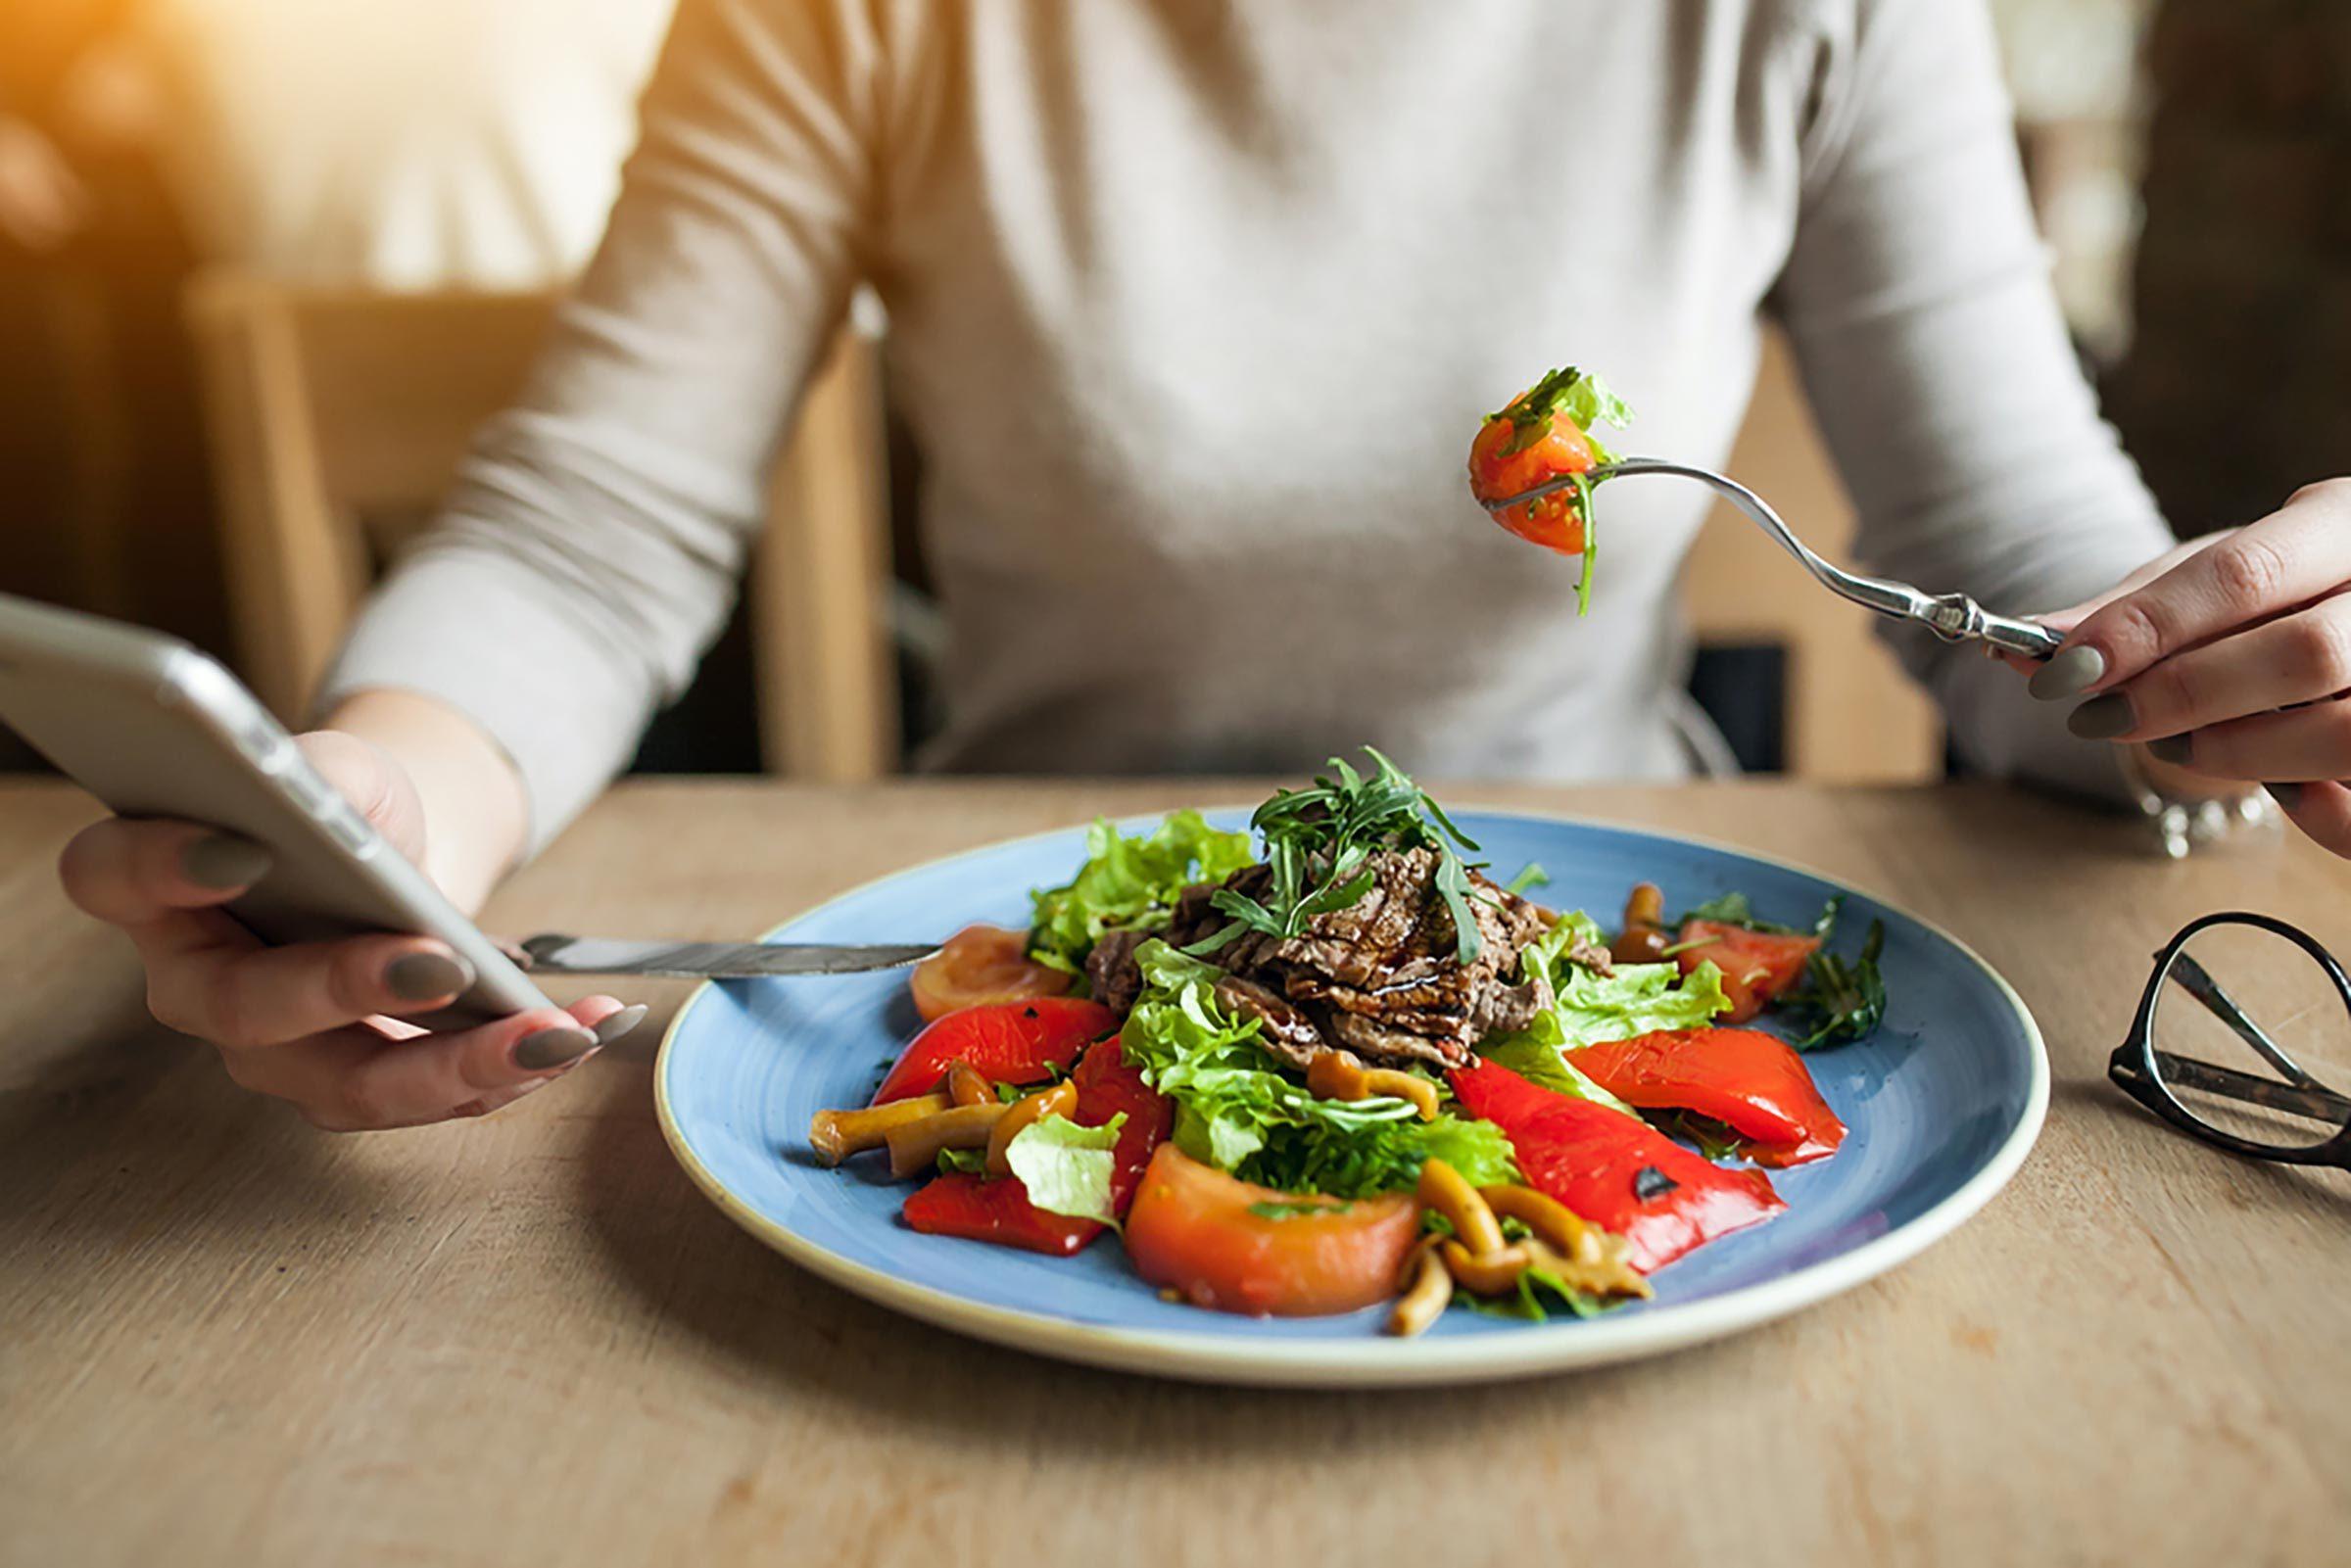 Conseil santé : manger de façon consciente